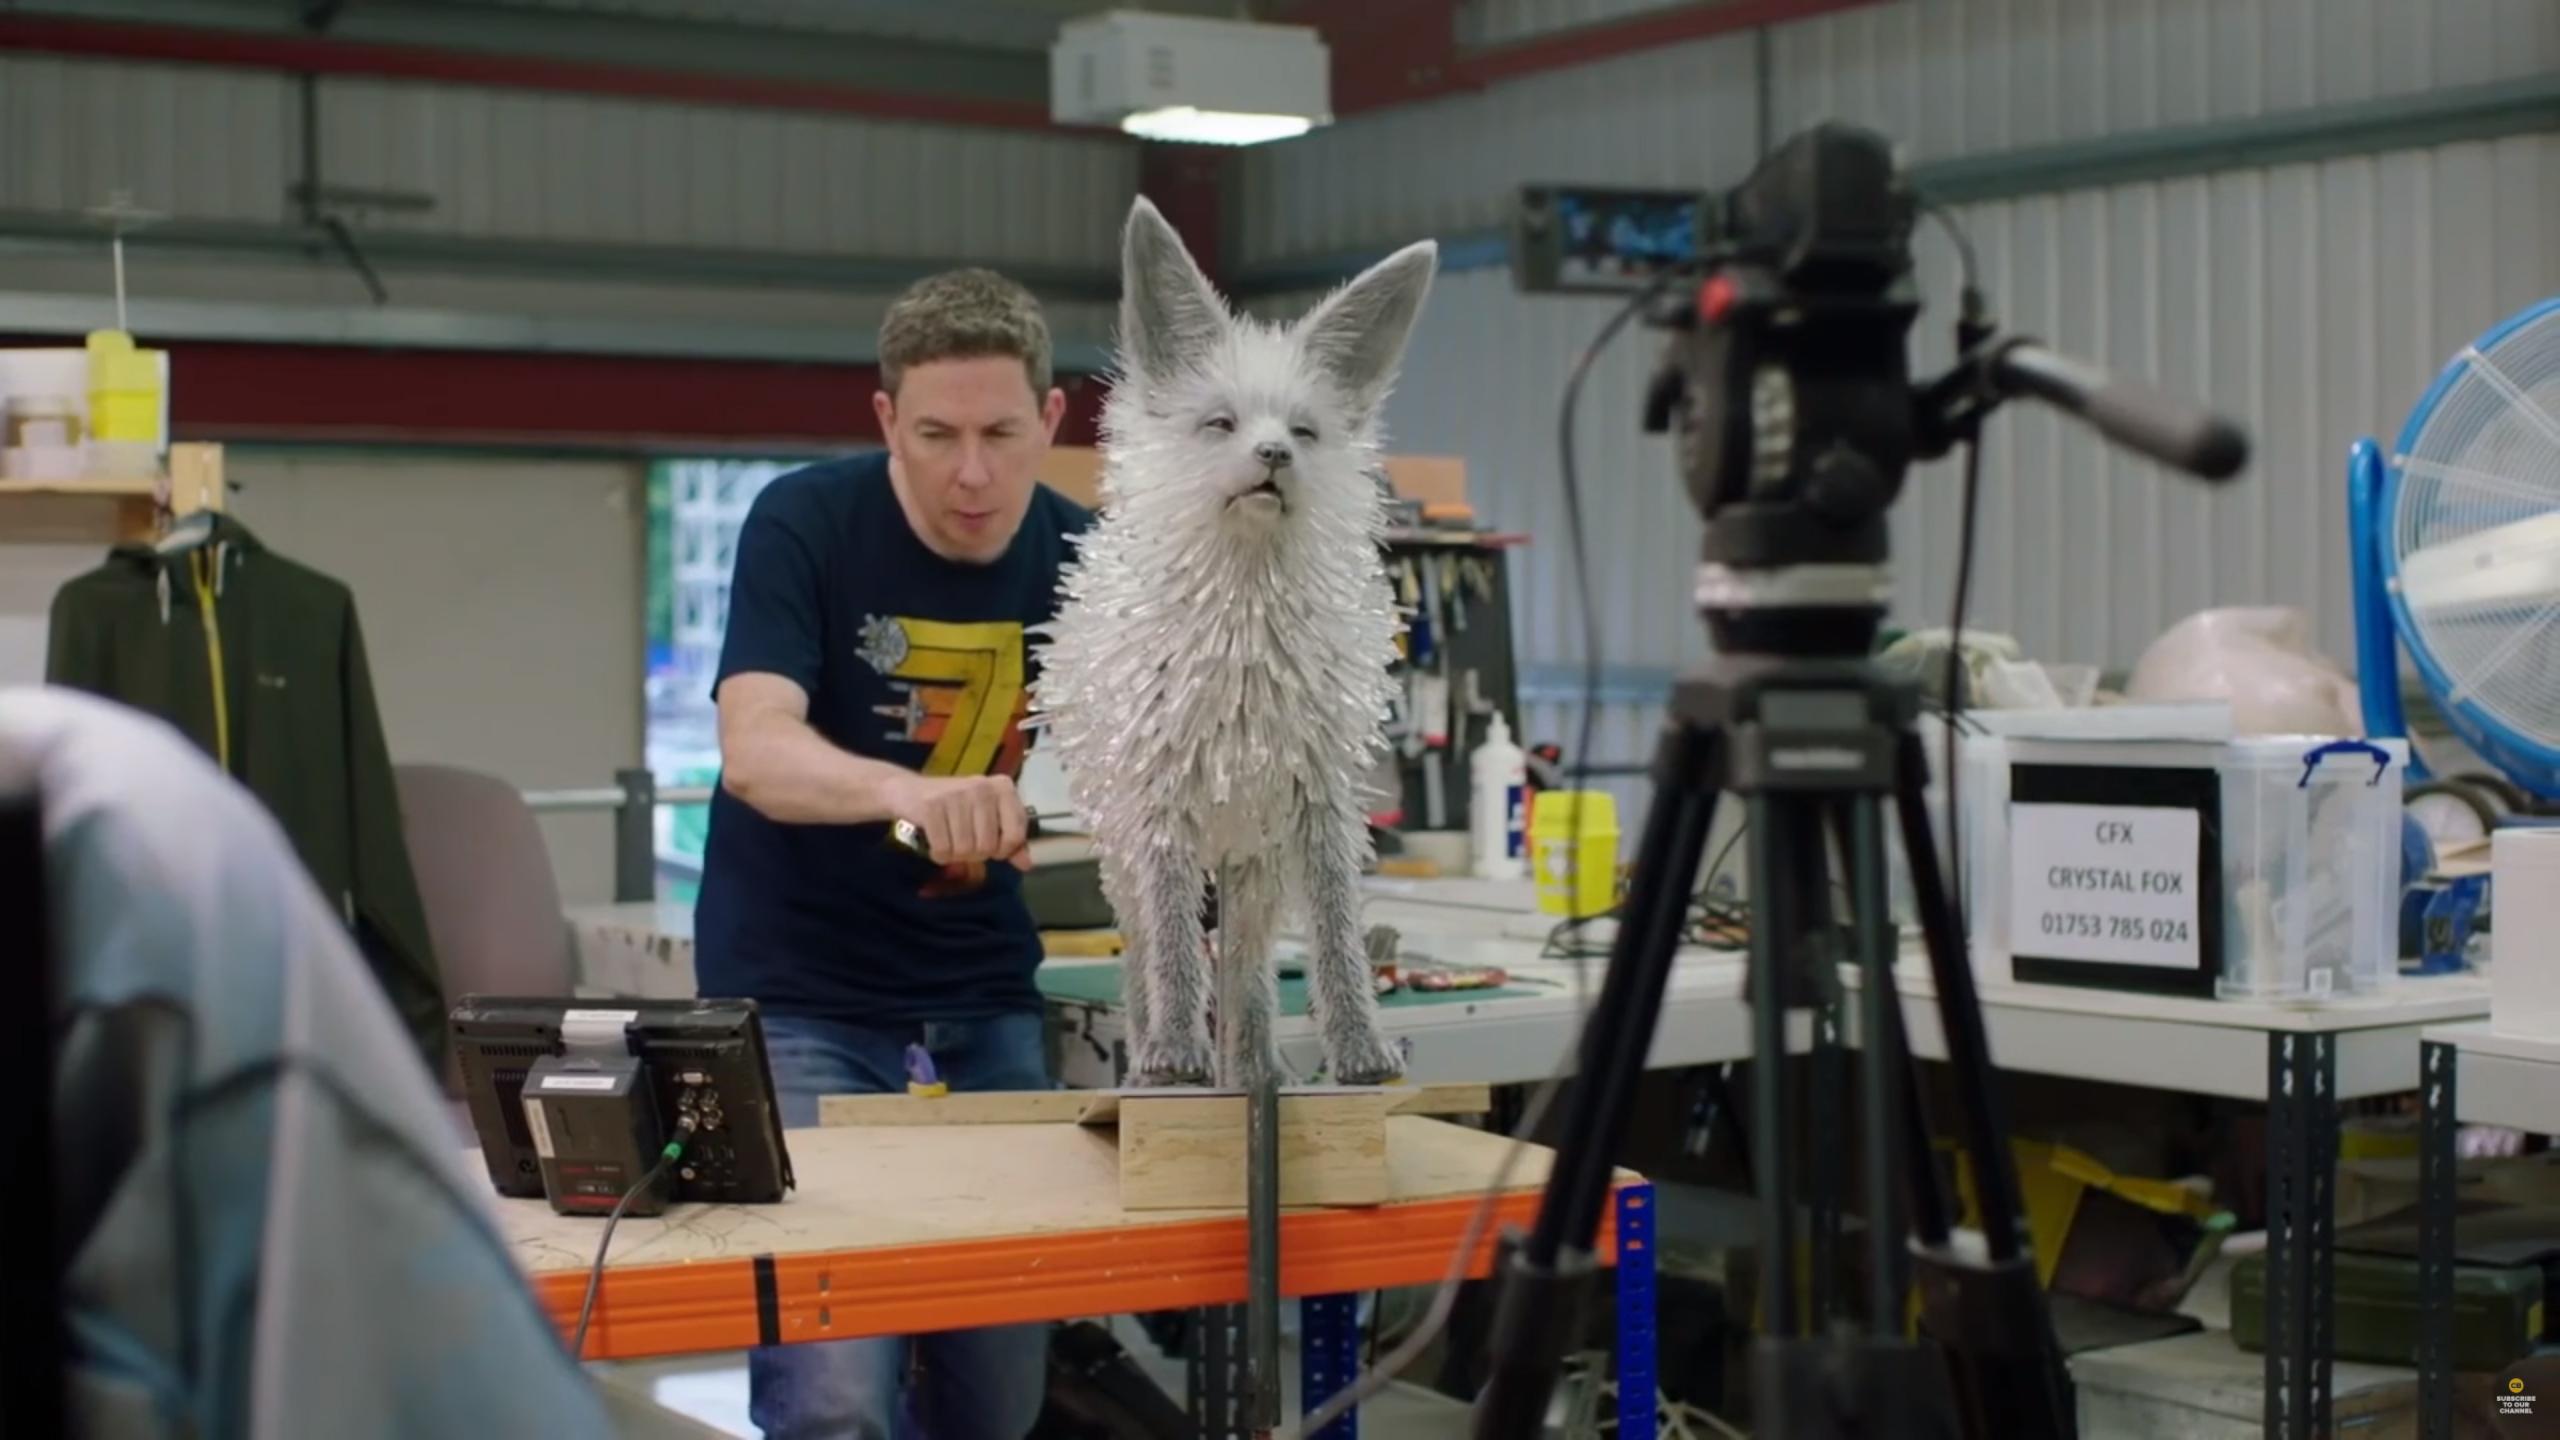 Vulptex The Crystal Fox Geek Carl